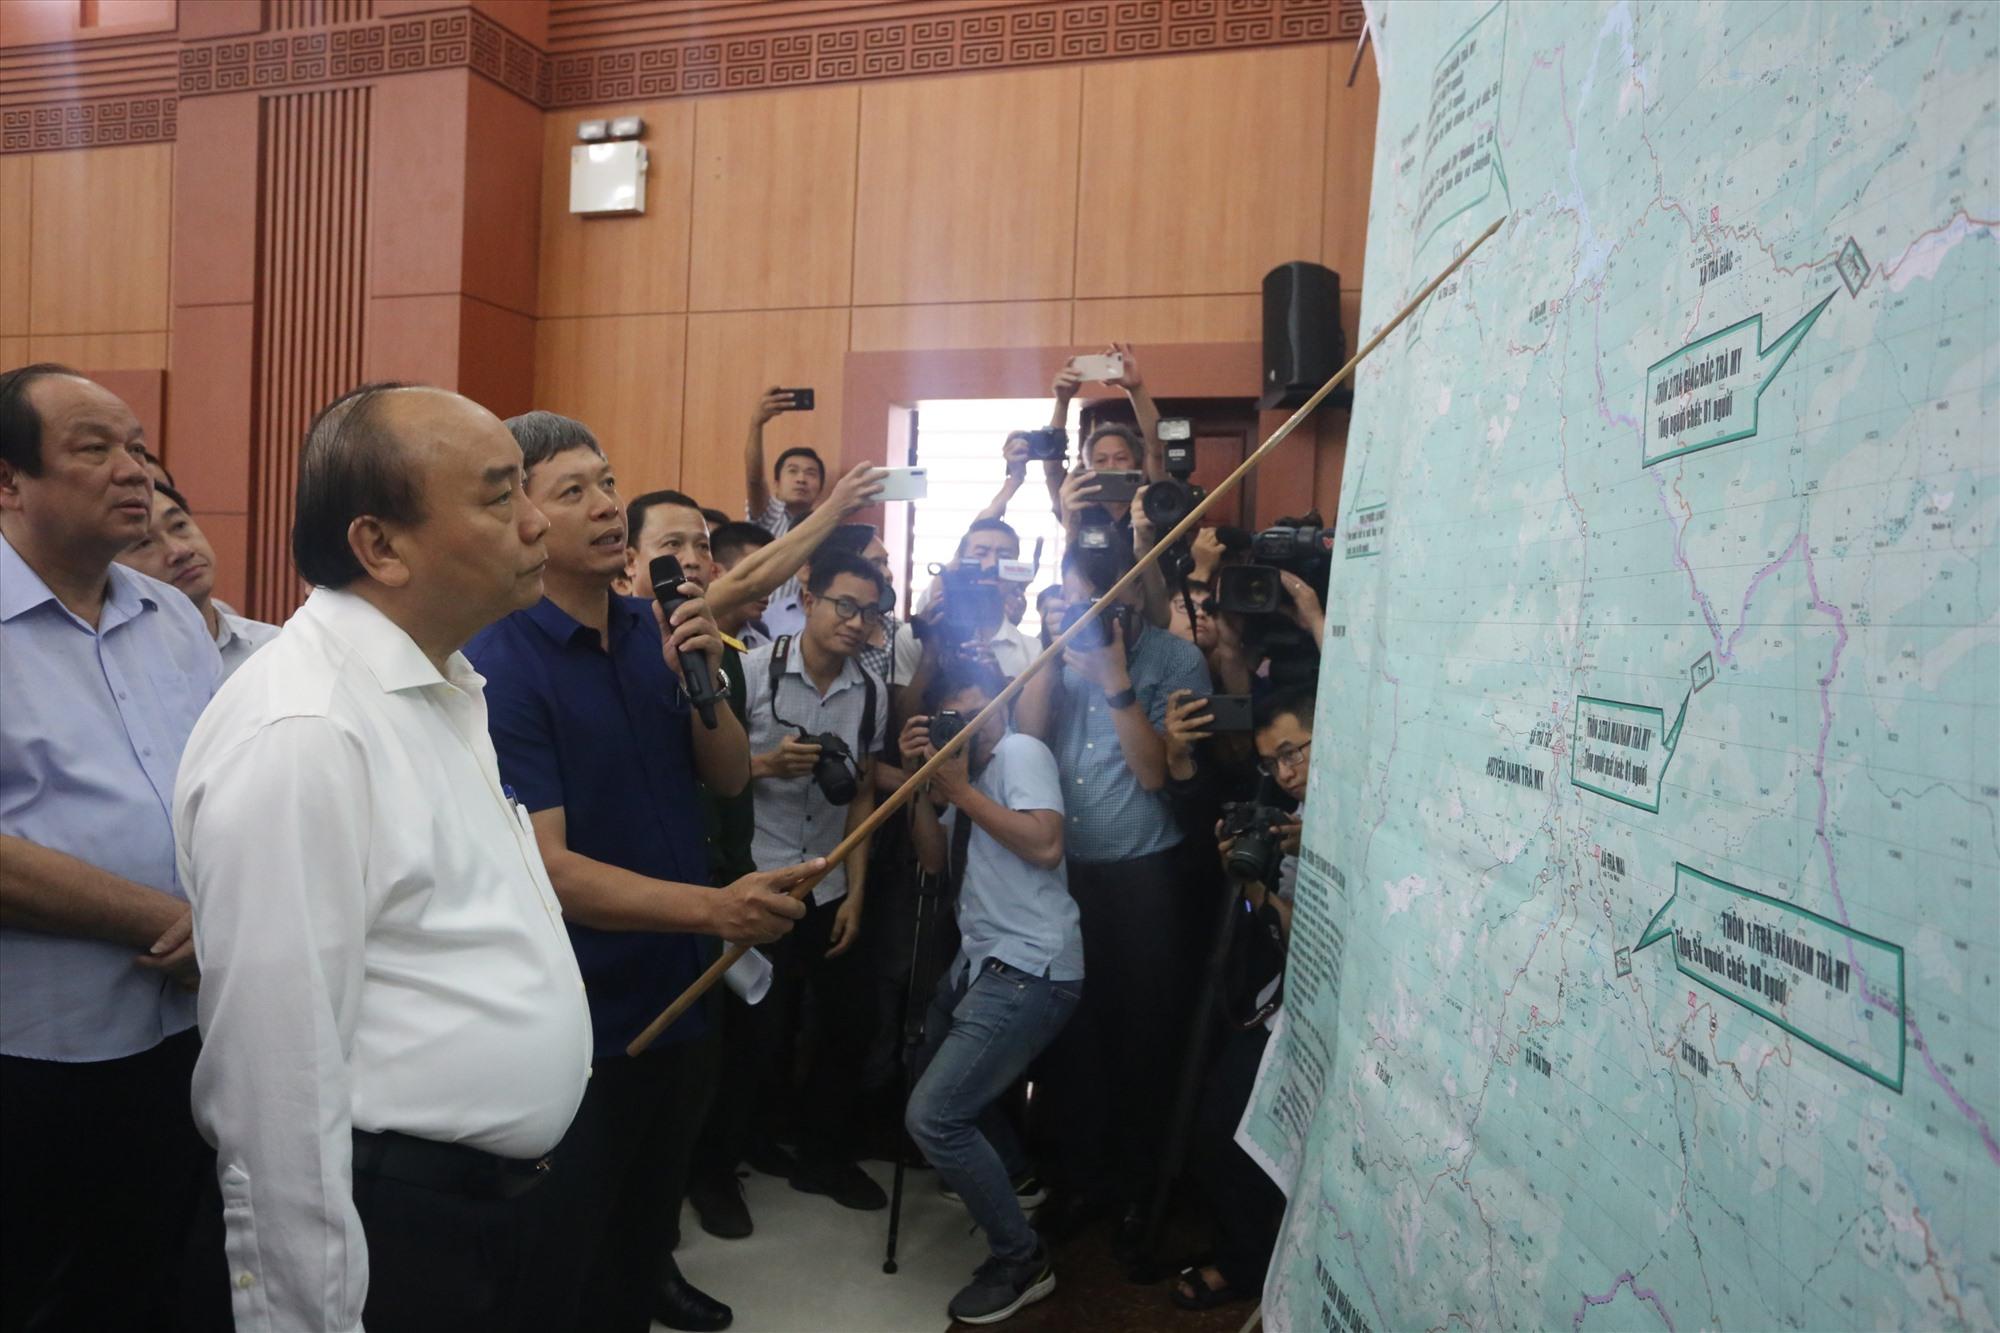 Phó Chủ tịch UBND tỉnh Hồ Quang Bửu báo cáo Thủ tướng về tình hình tìm kiếm các nạn nhân mất tích.